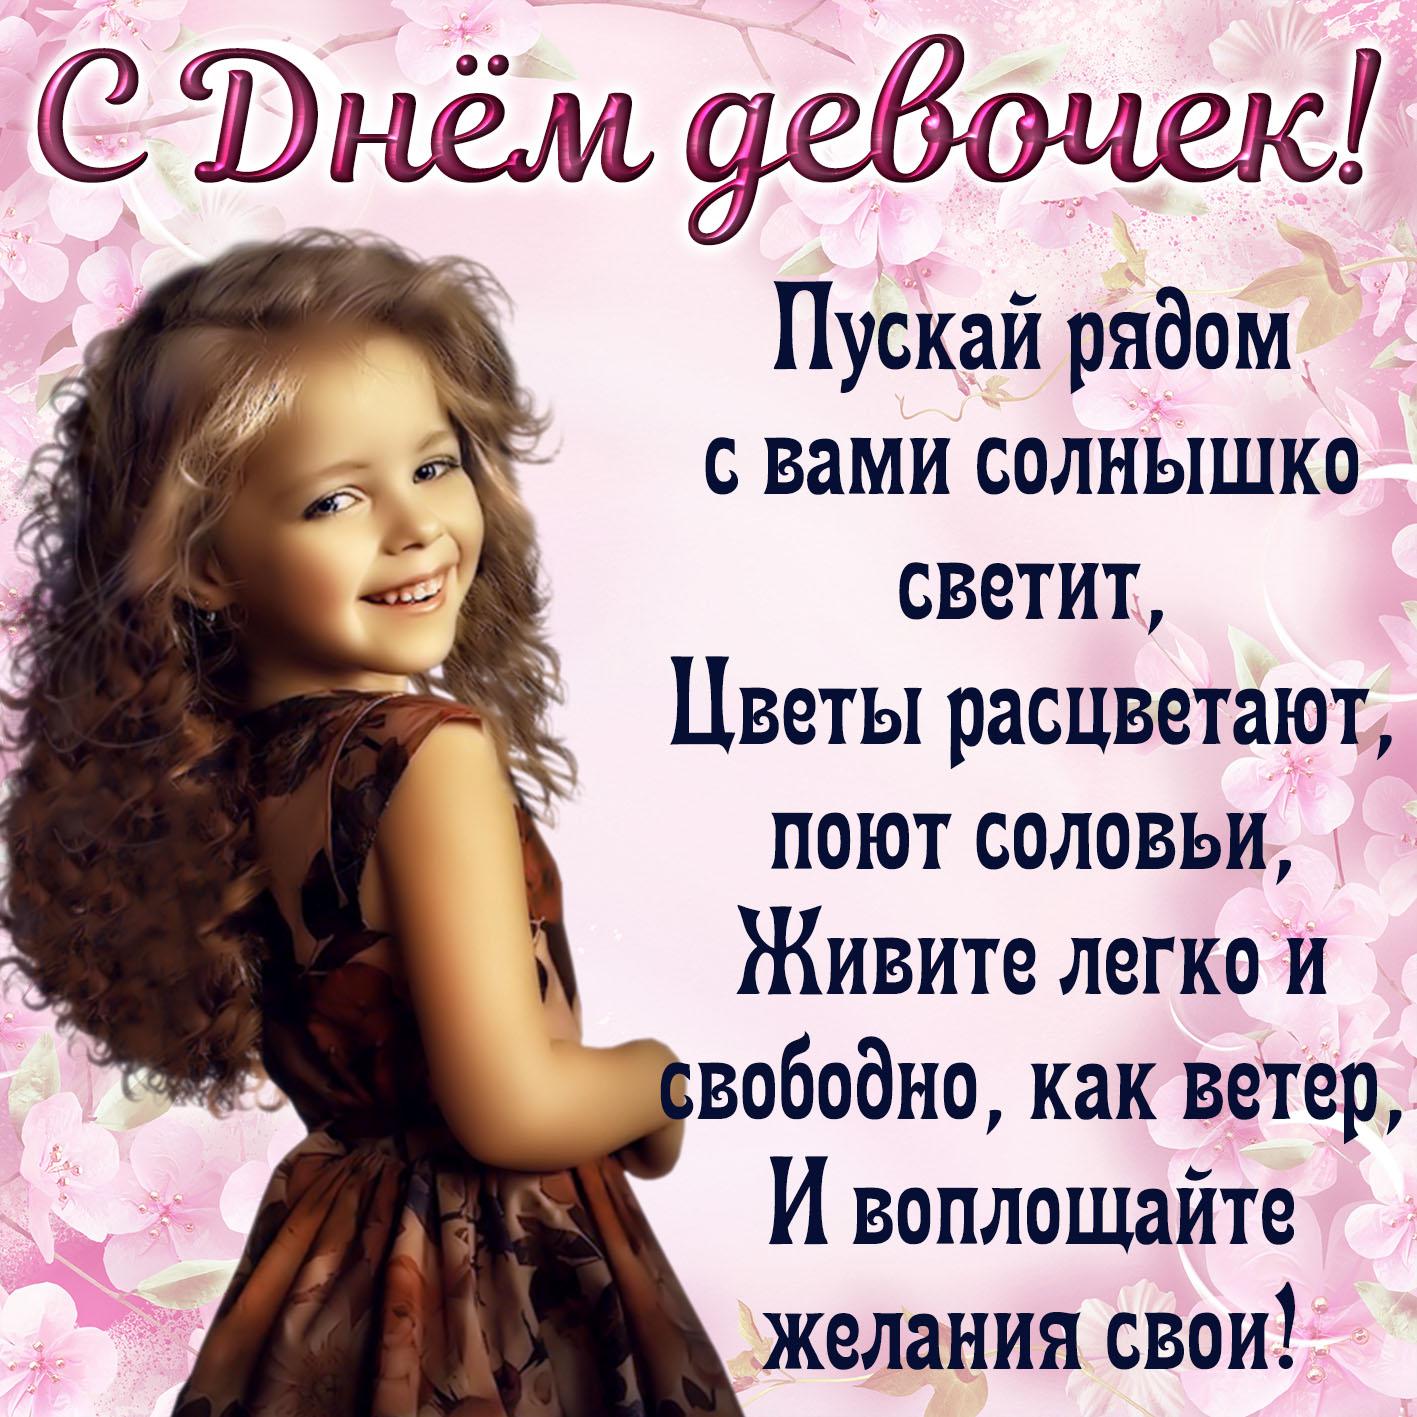 Фото с праздником девочек